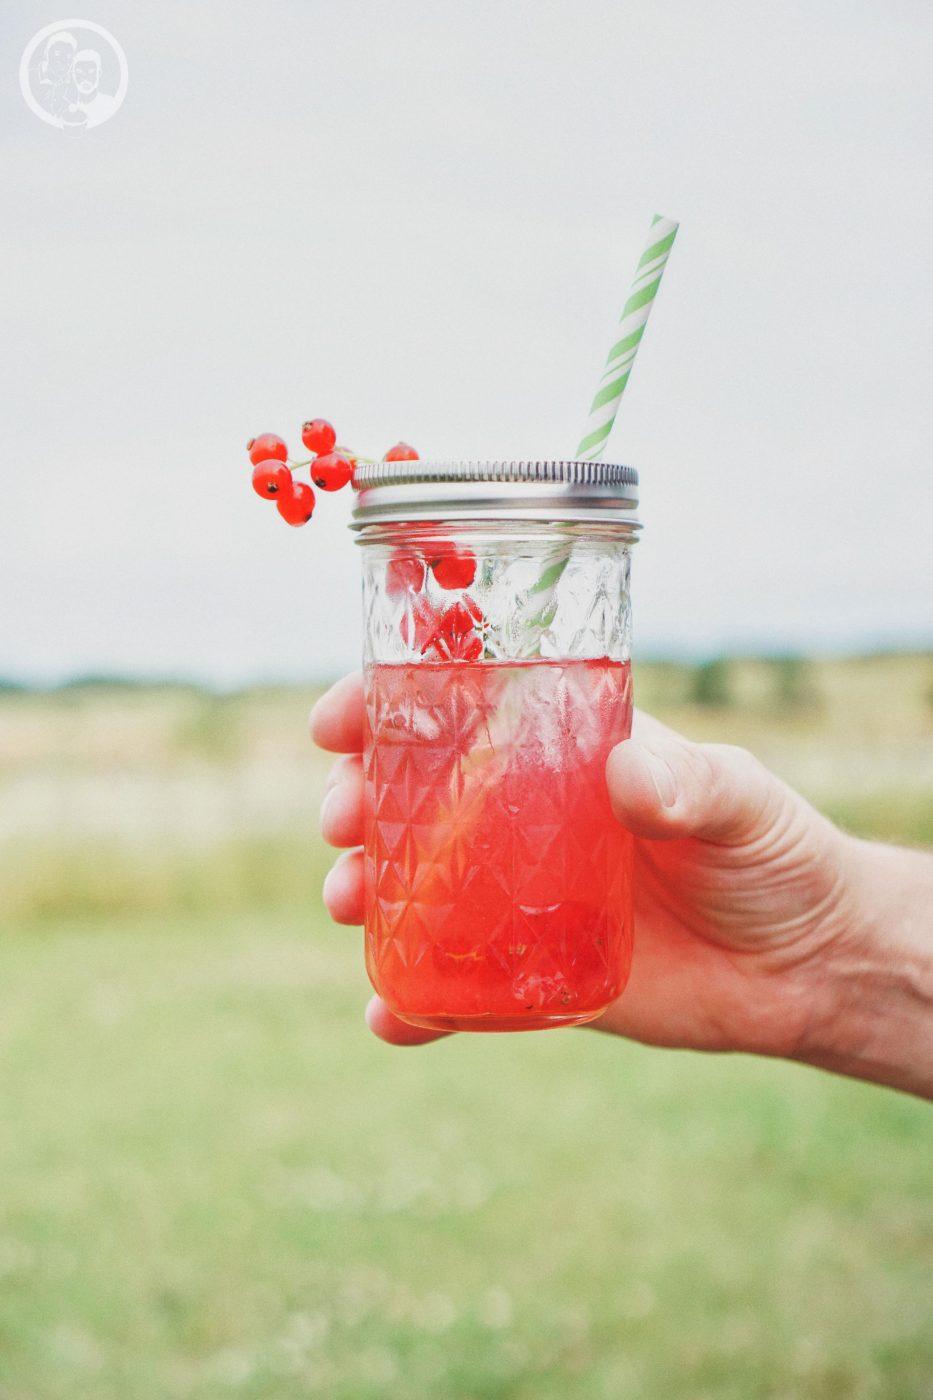 johannisbeer thymian limonade sommer frisch einfach rezept blog foodblog k%C3%B6ln 2 | Wir sind so richtige Sommer-Menschen ... gemütlich spazieren gehen, grillen und jeden Sonnenstrahl aufsaugen.Jetzt sagt der Kalender noch immer, es ist Sommer ... bis Freitag! Grund genugeuch noch einmal den Sommer zurück zu holen. Womit wir das am Besten hinbekommen? Na mit unserer JOHANNISBEER-THYMIAN LIMONADE natürlich. Die ist flott gemacht und einfach super erfrischend!